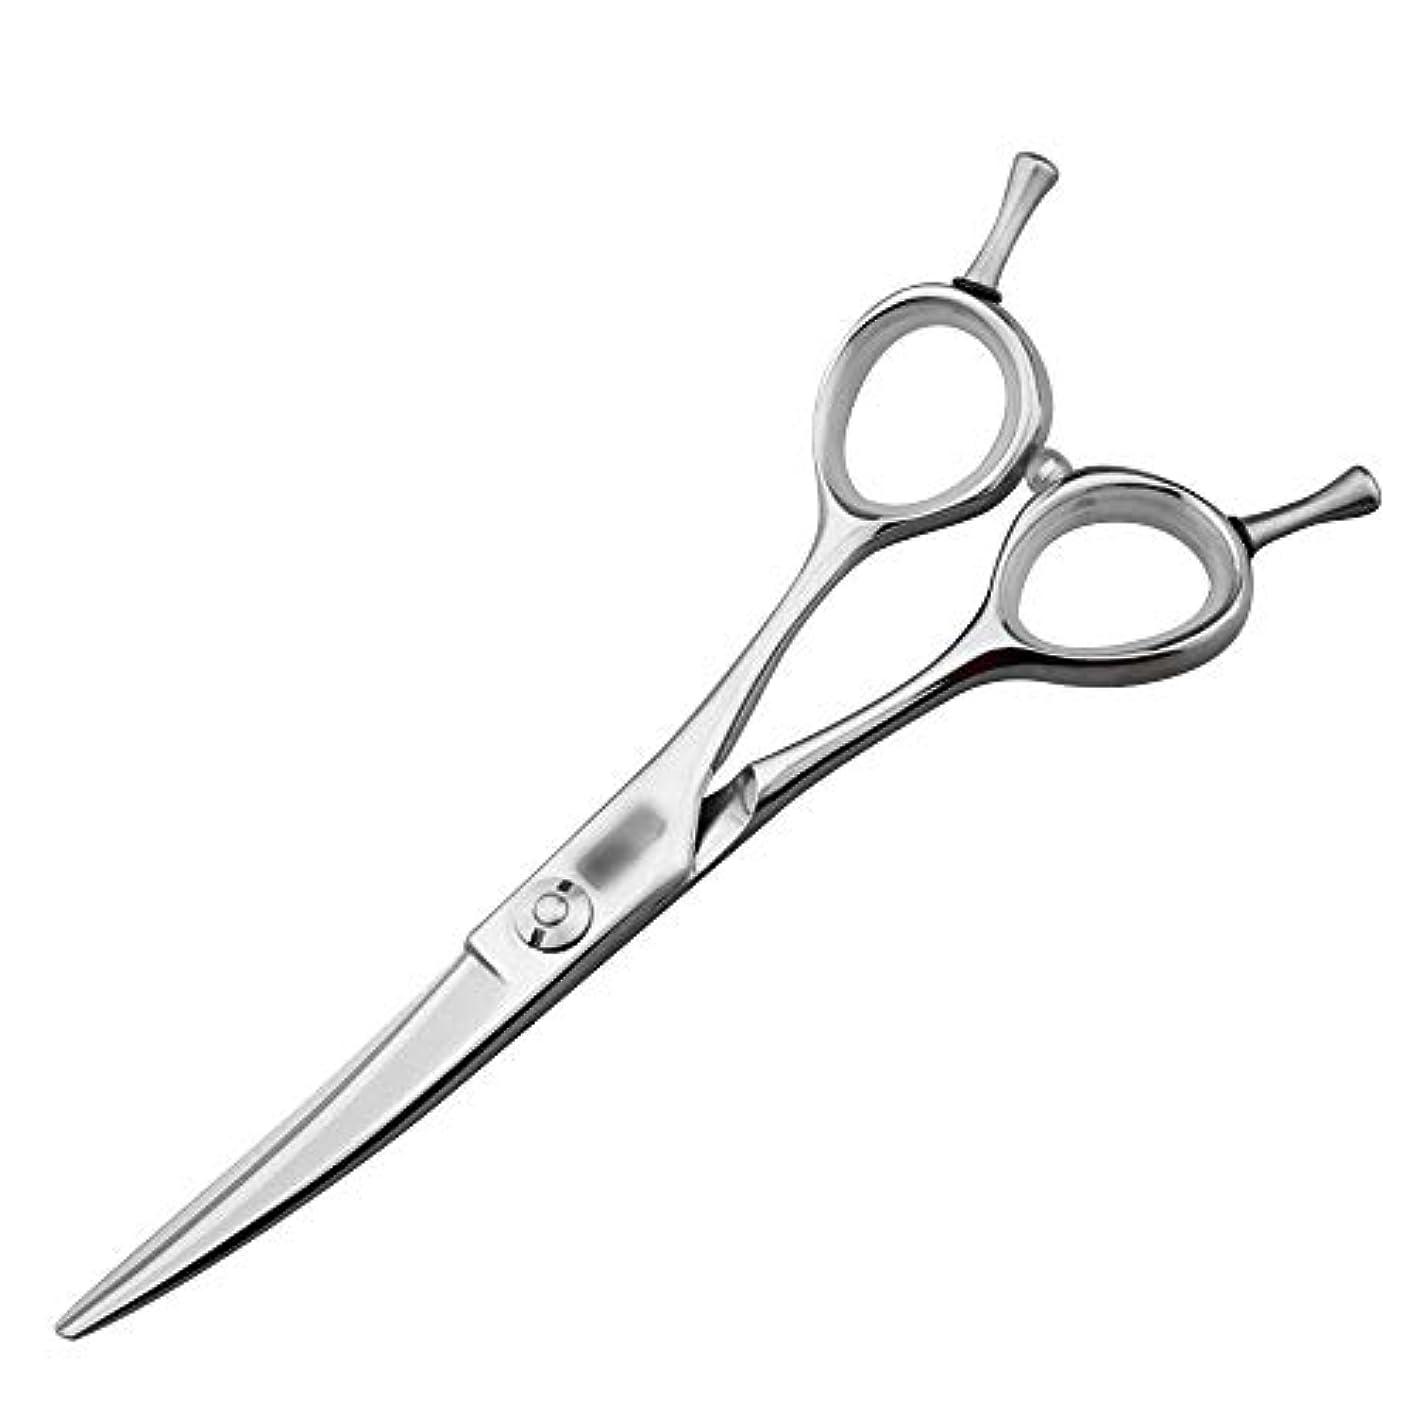 タッチ伝える測る5.5インチの美容院の専門の上限の理髪はさみ、専門の注文の平らなはさみはさみ ヘアケア (色 : Silver)